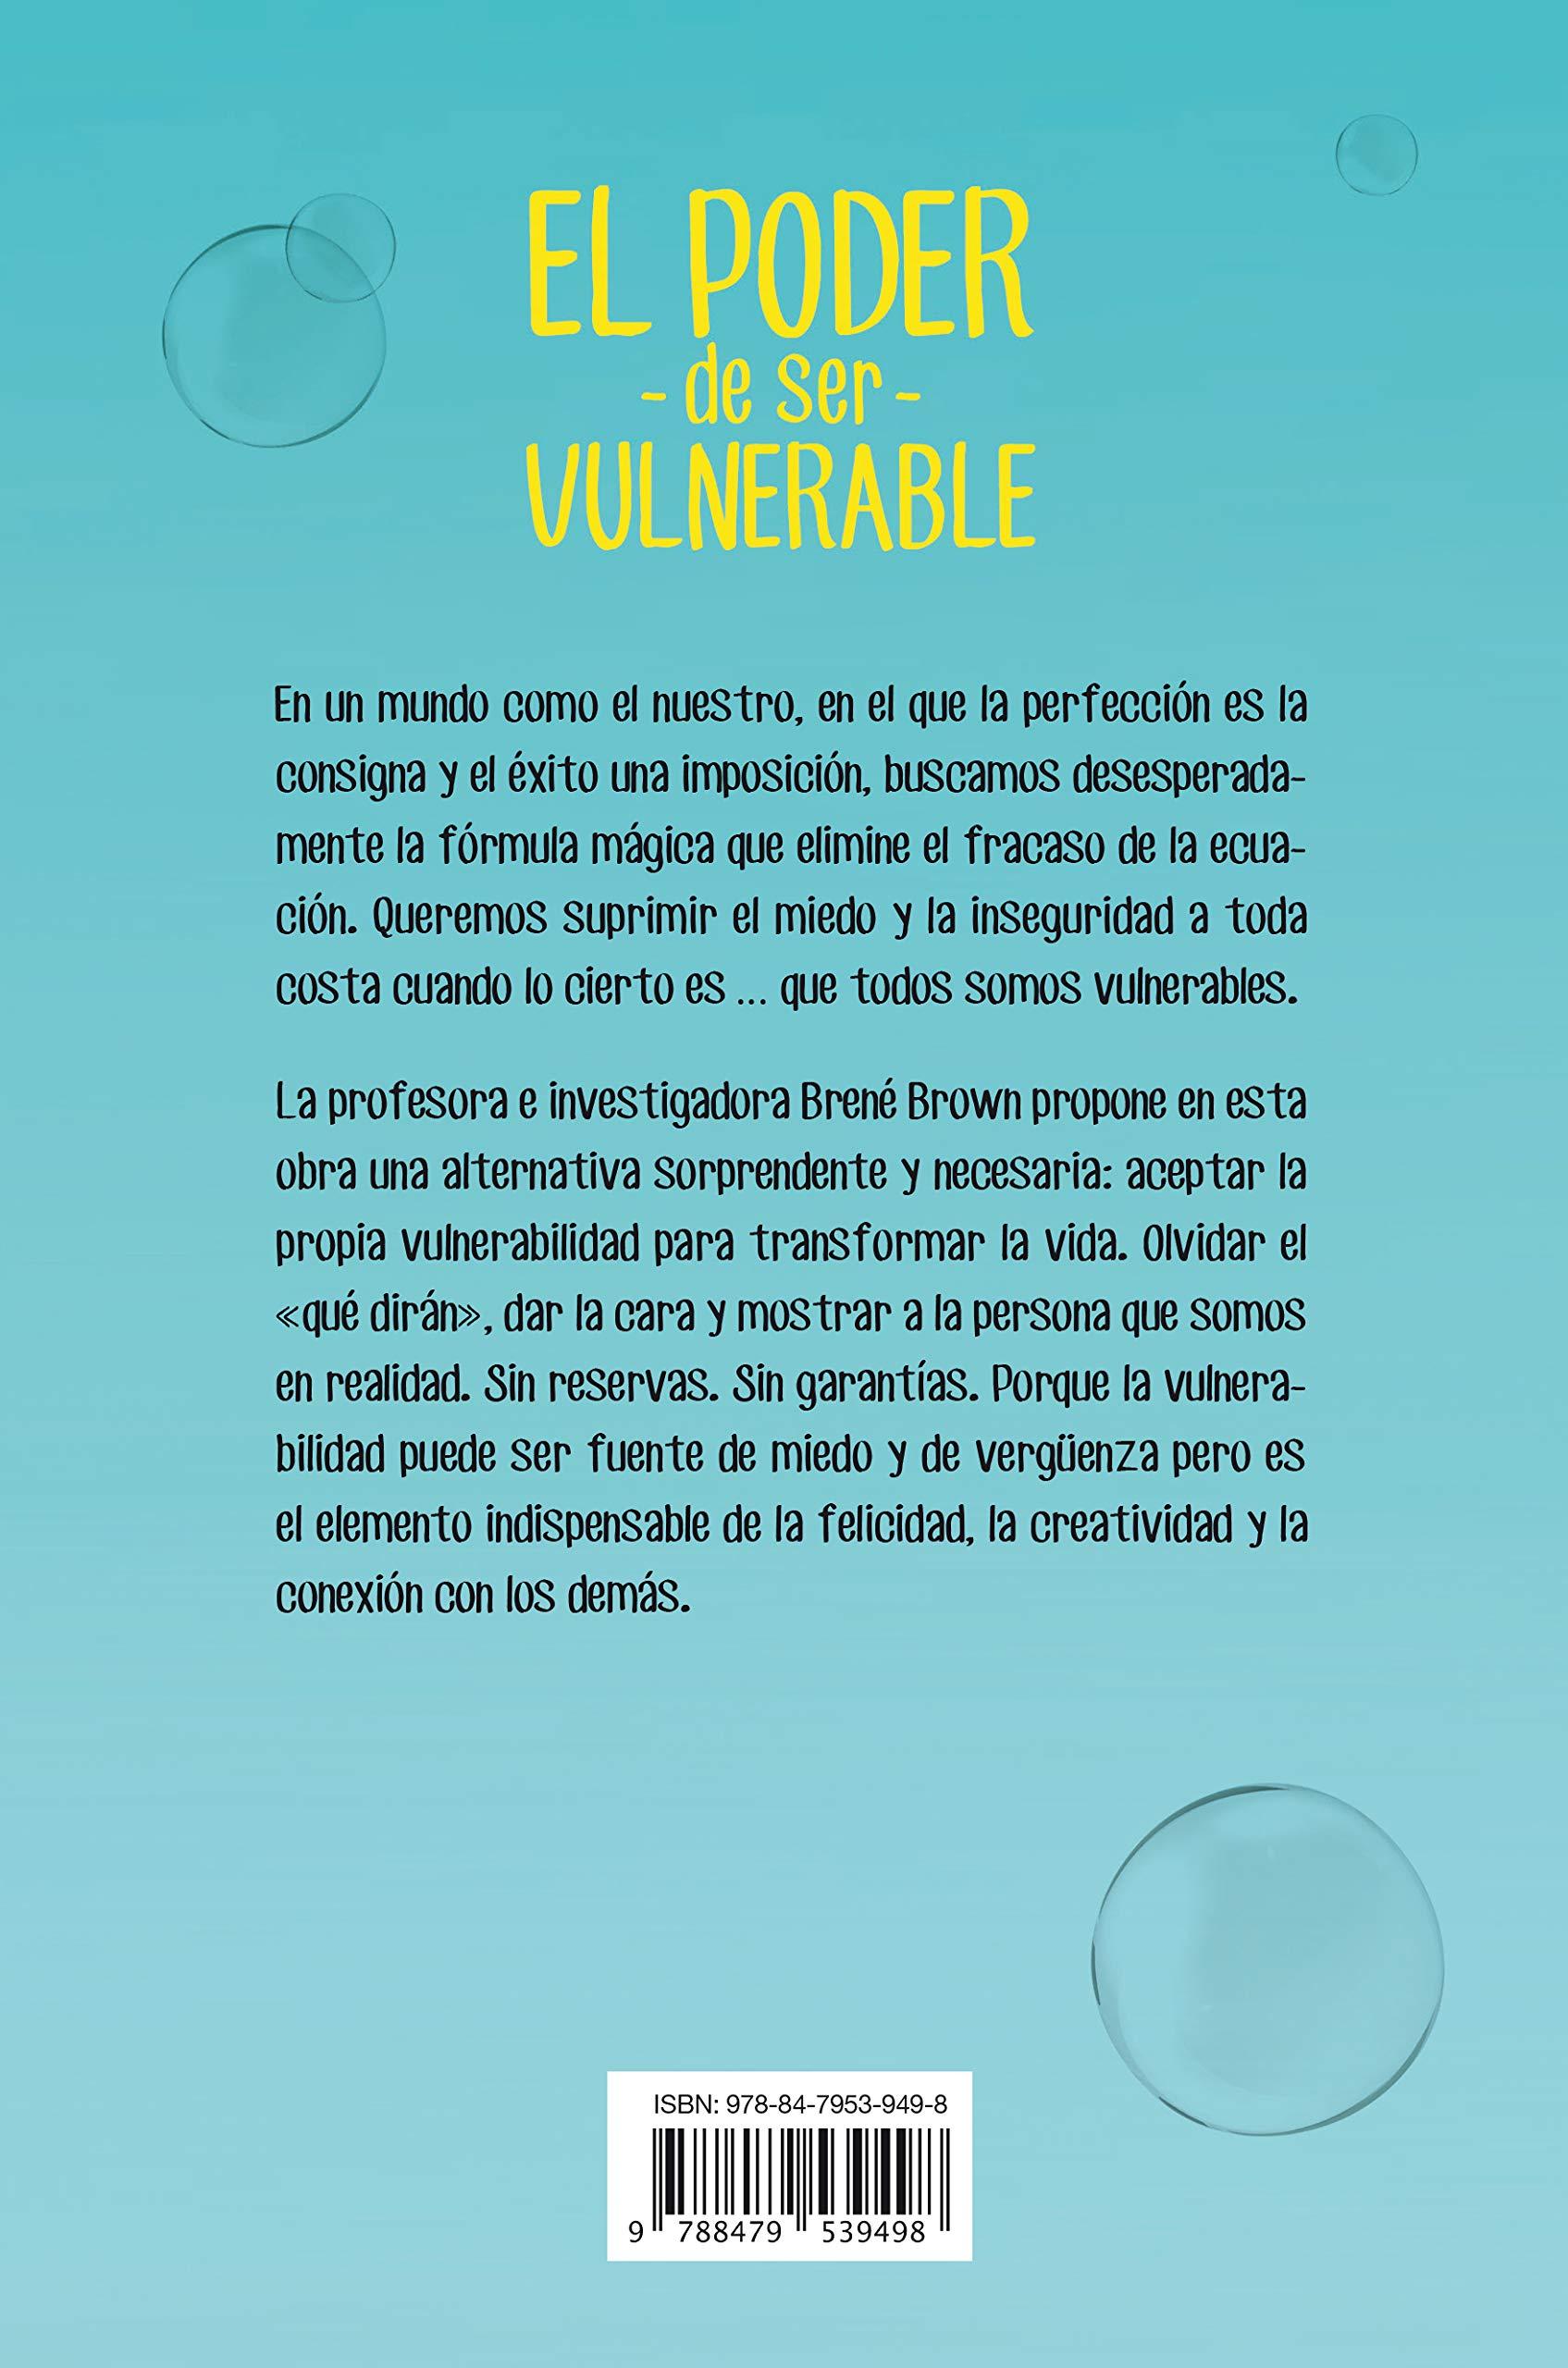 El poder de ser vulnerable (Crecimiento personal): Amazon.es: Brené Brown,  Alicia Sánchez Millet: Libros